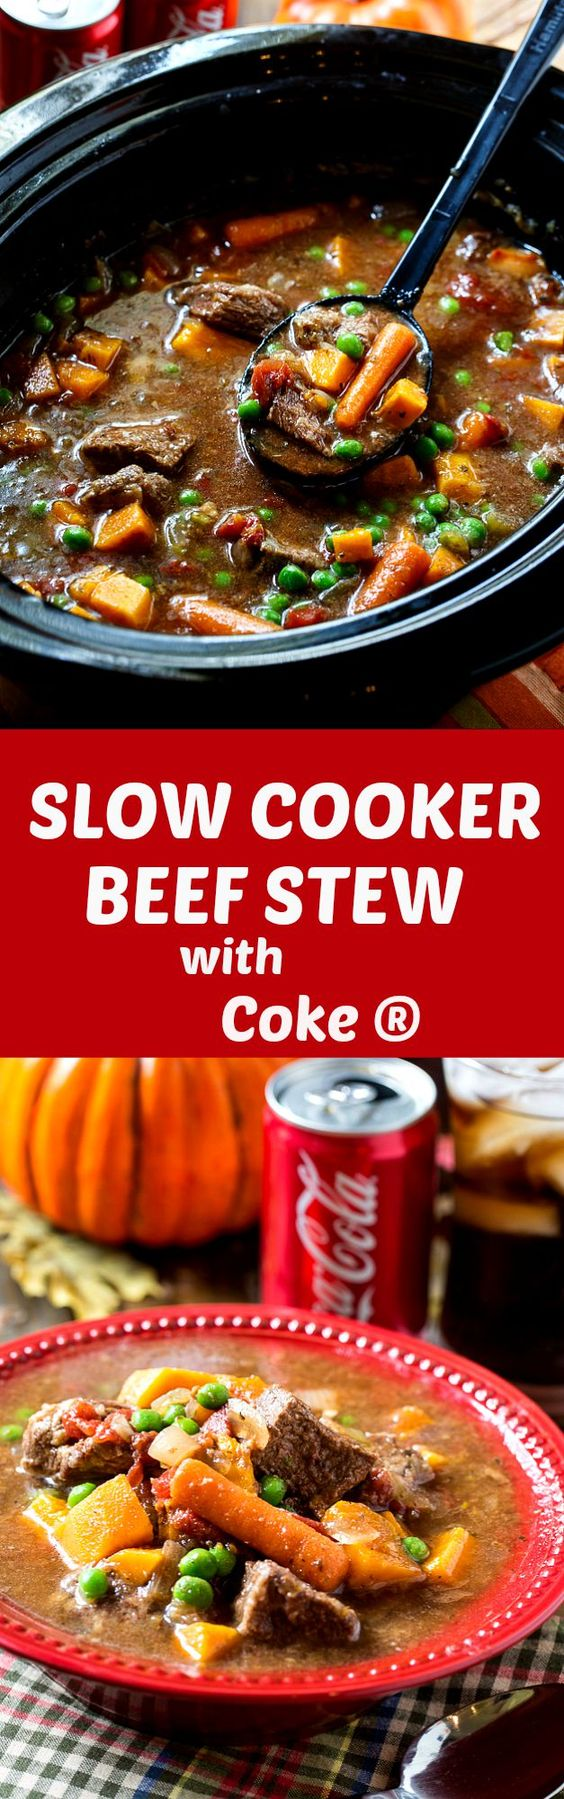 ... beef stew crockpot easy slow cooker beef stew slow cooker meals